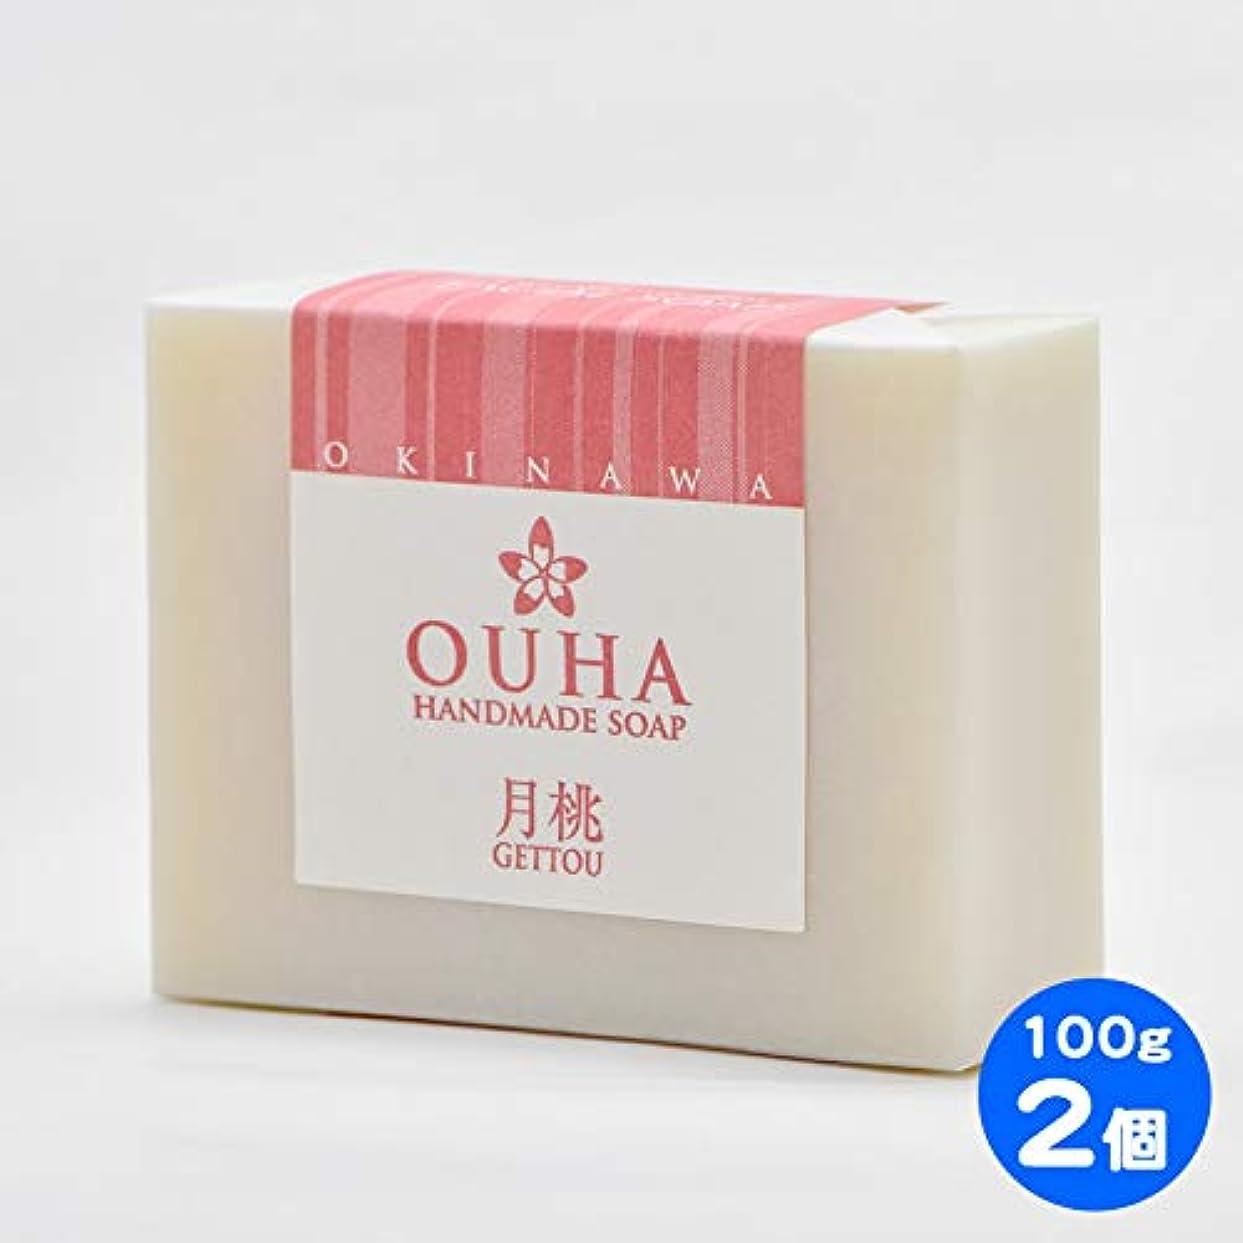 剣頑張るながら【送料無料 定形外郵便】沖縄県産 OUHAソープ 月桃 石鹸 100g 2個セット